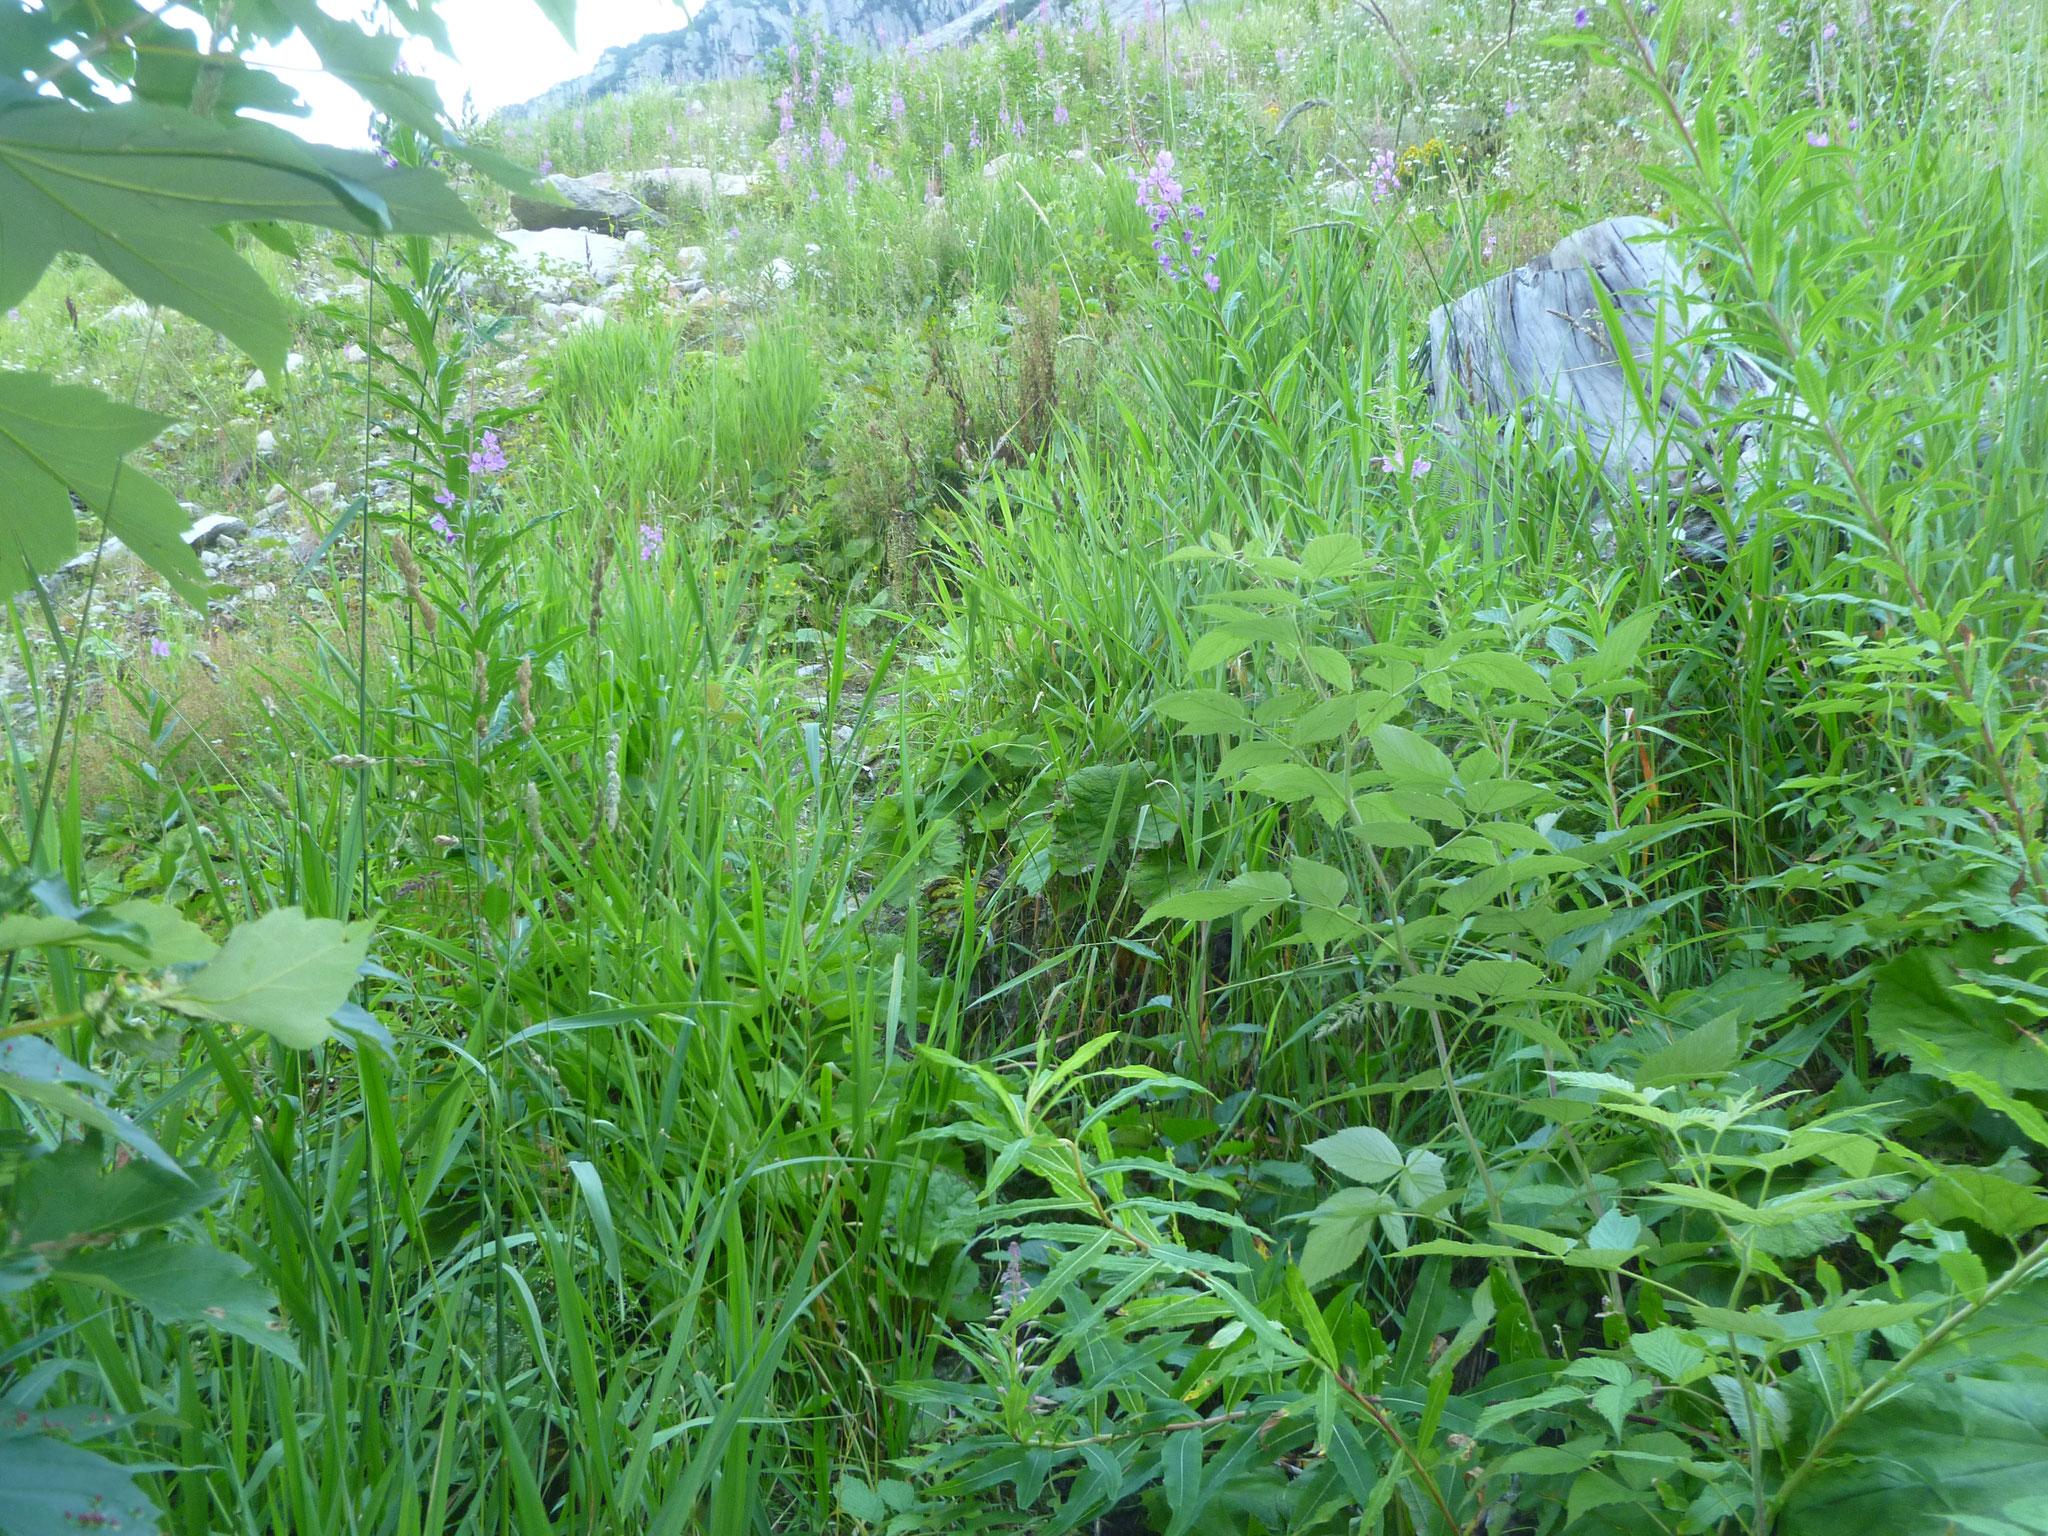 Wir wählen den Gras - Zustieg (eh klar)